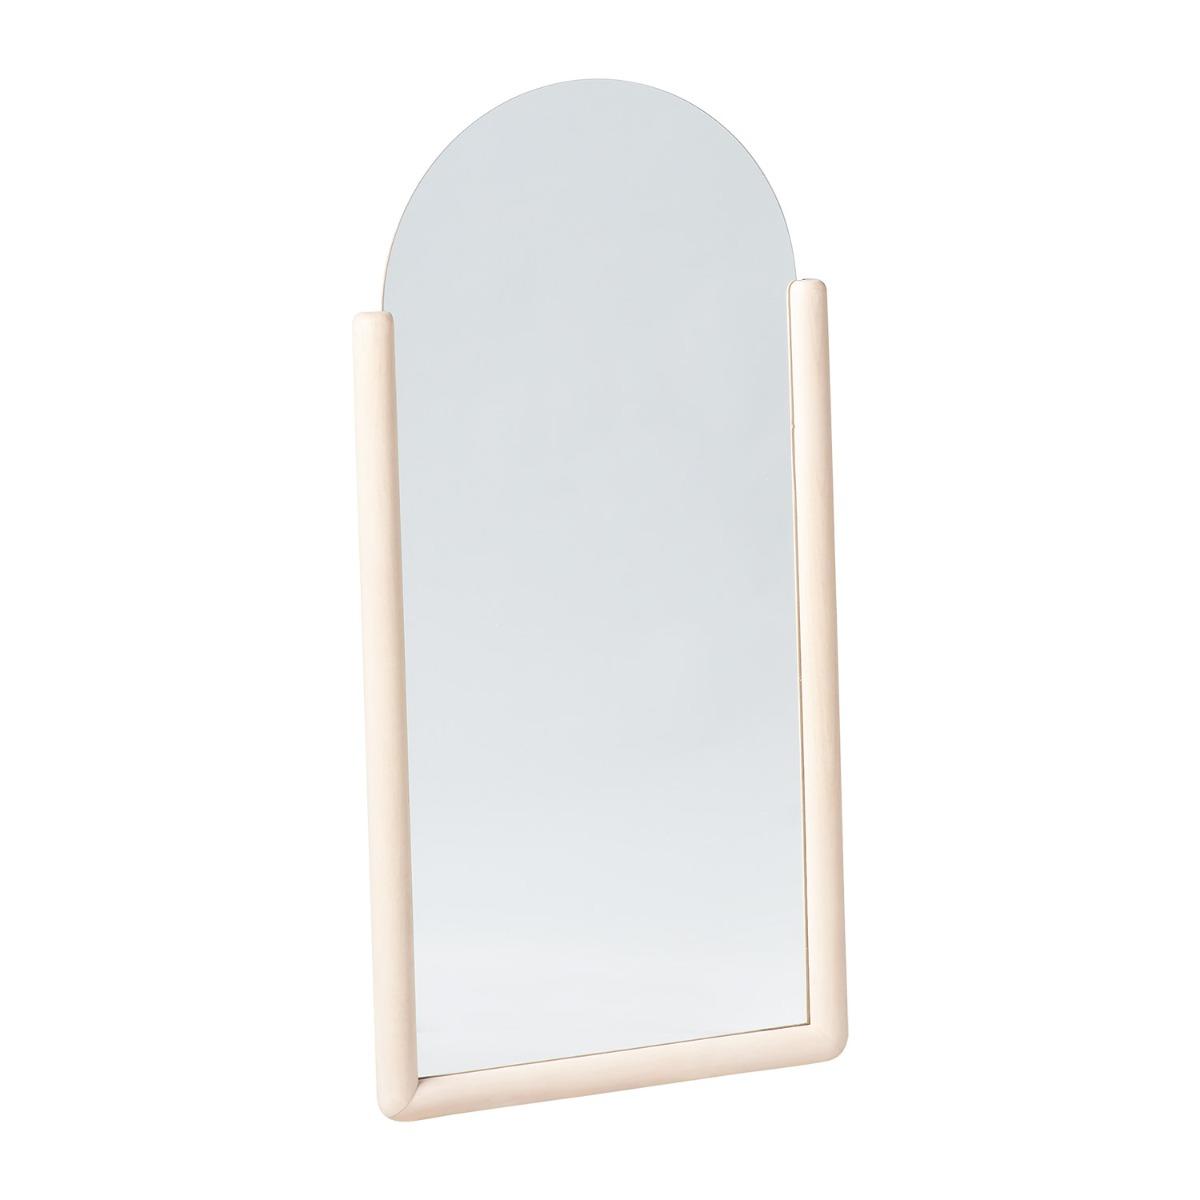 Designtorget Spegel DT Milo 36x72 cm